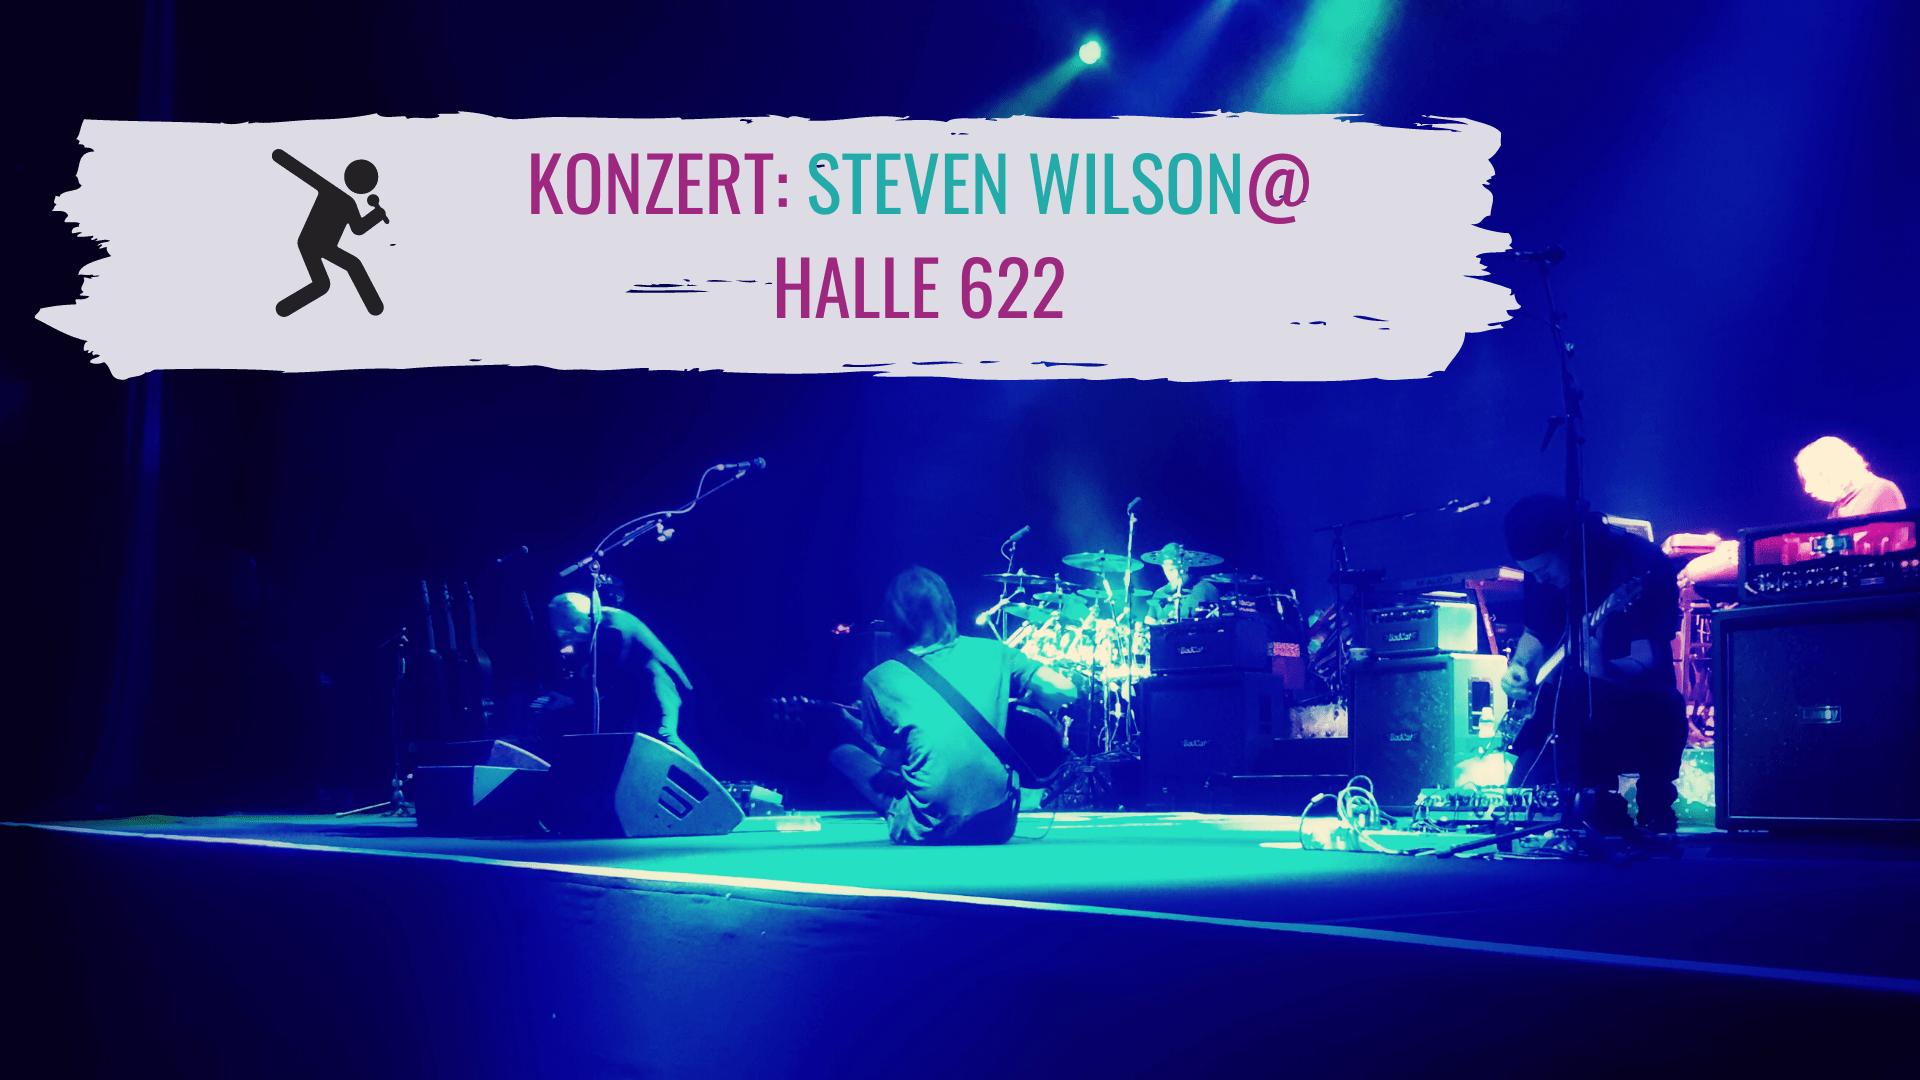 Konzertbericht: Steven Wilson @ Halle 622 (07.02.2018)